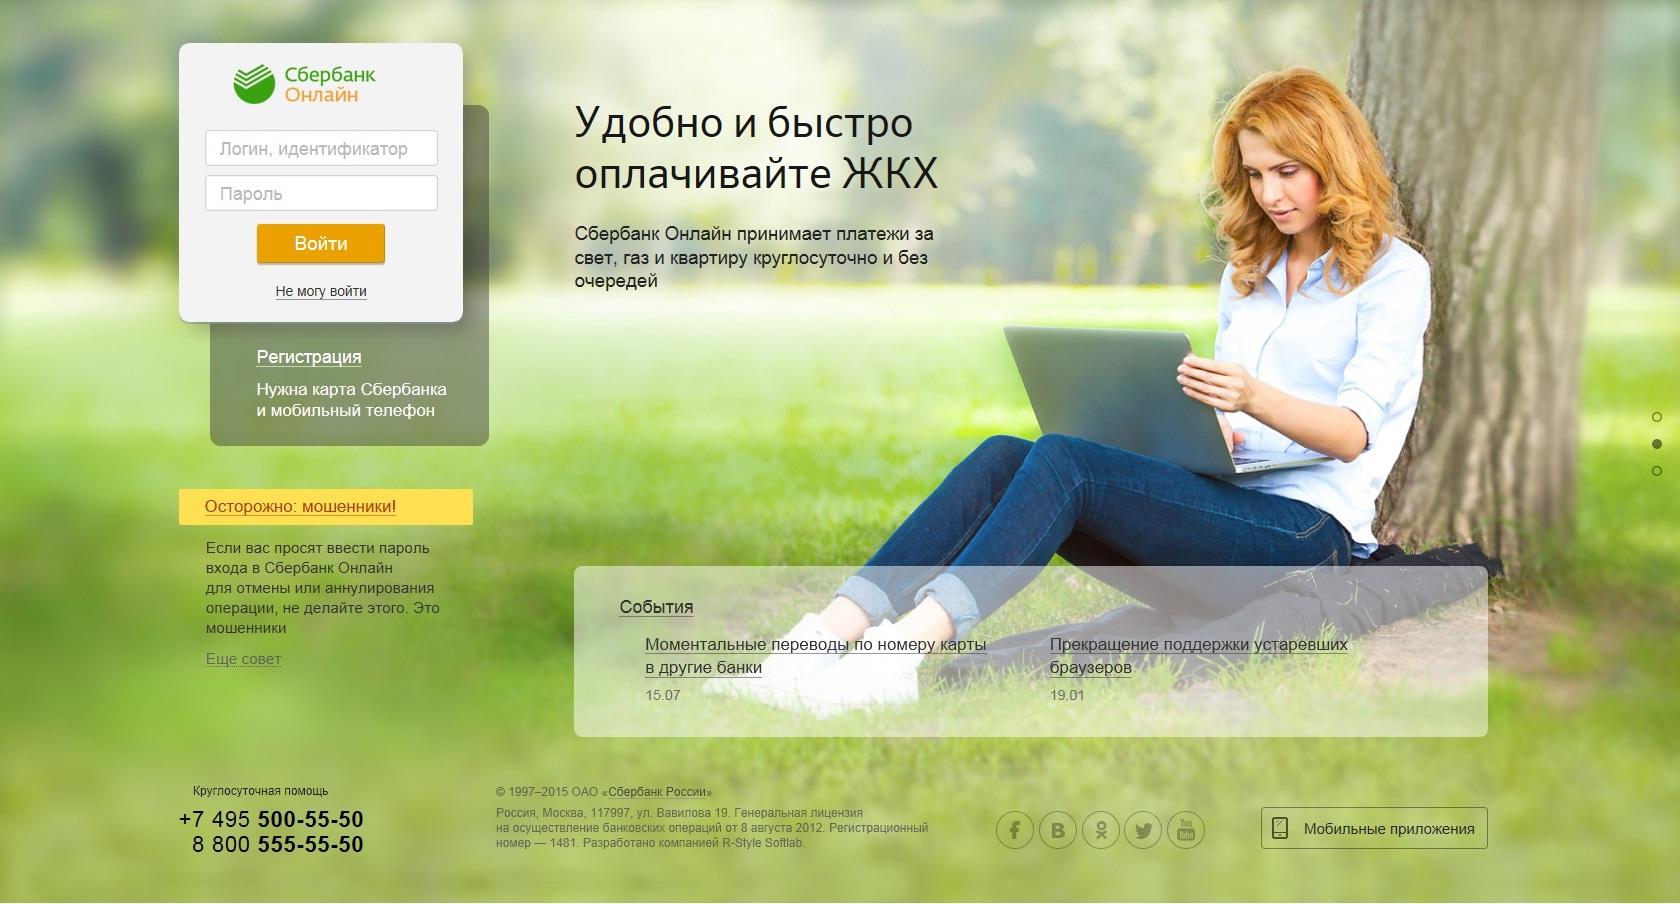 Количество активных пользователей Сбербанк Онлайн в Вологодской области достигло 200 тысяч человек